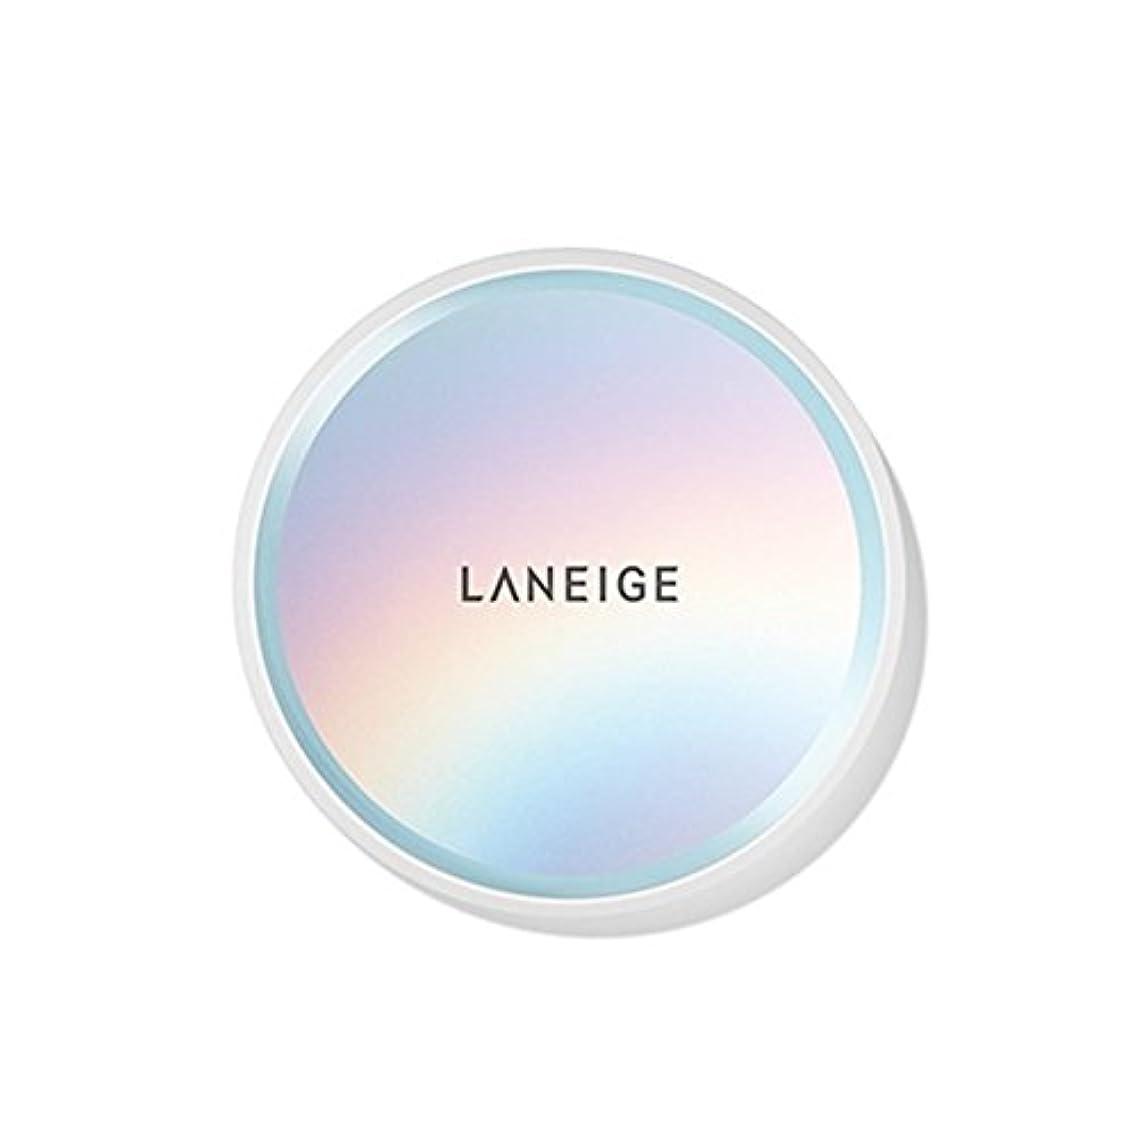 自信がある破滅的なおびえた【ラネージュ】 LANEIGE BB Cushion Pore Control BBクッションポアコントロール 【韓国直送品】 OOPSPANDA (1.No. 11 poseulrin)